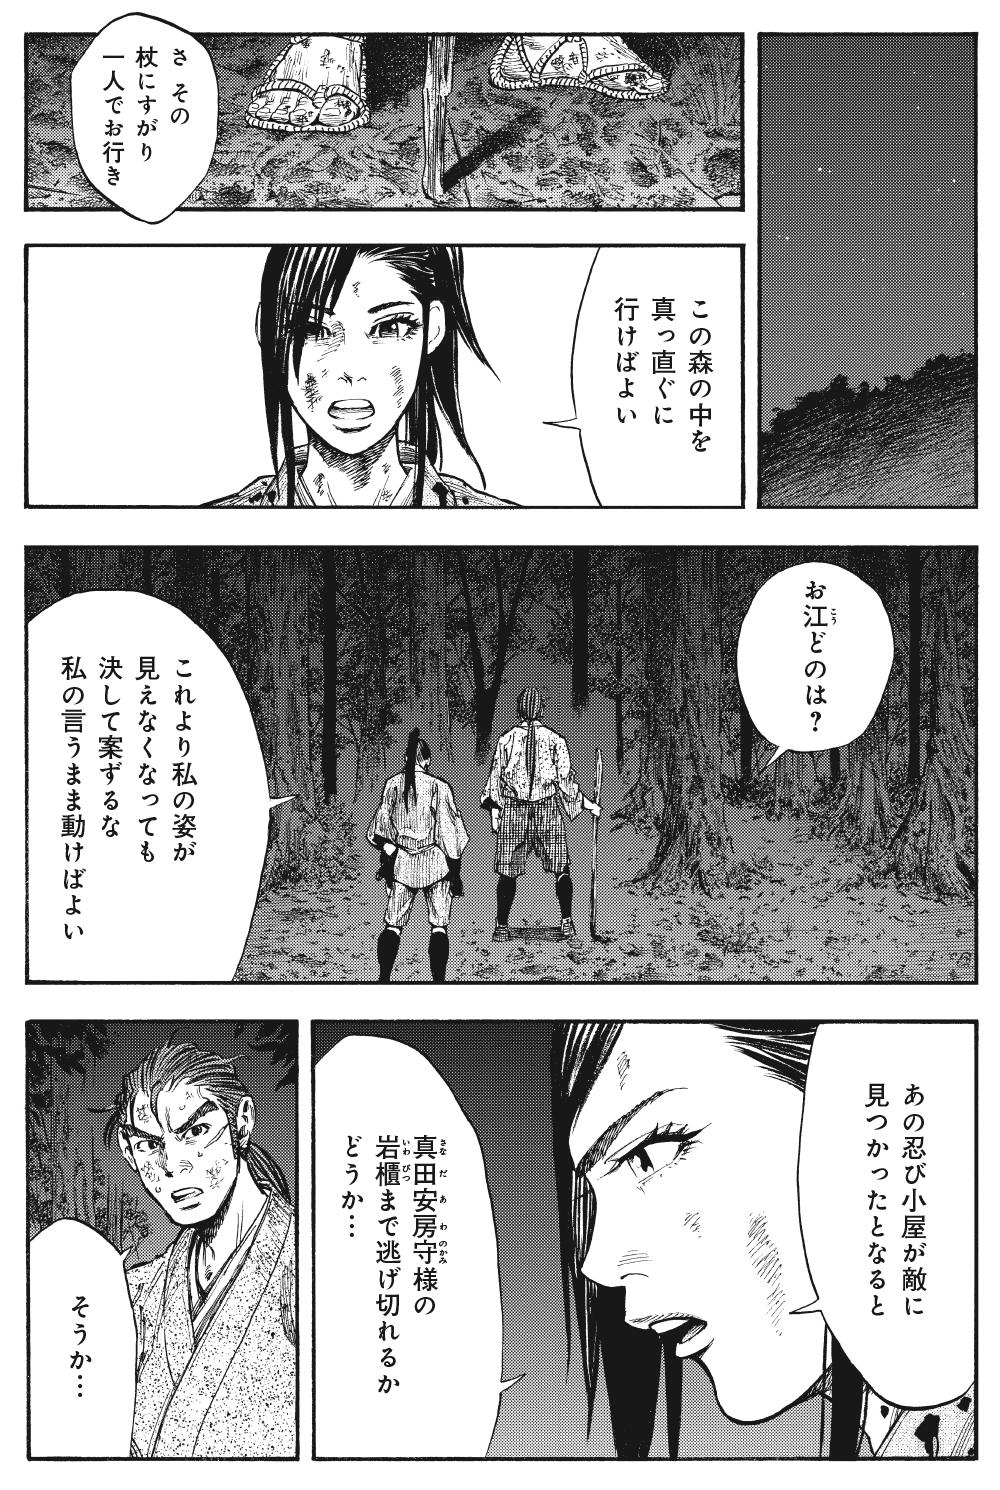 真田太平記 第7話「暗夜激闘」①sanada13-16.jpg